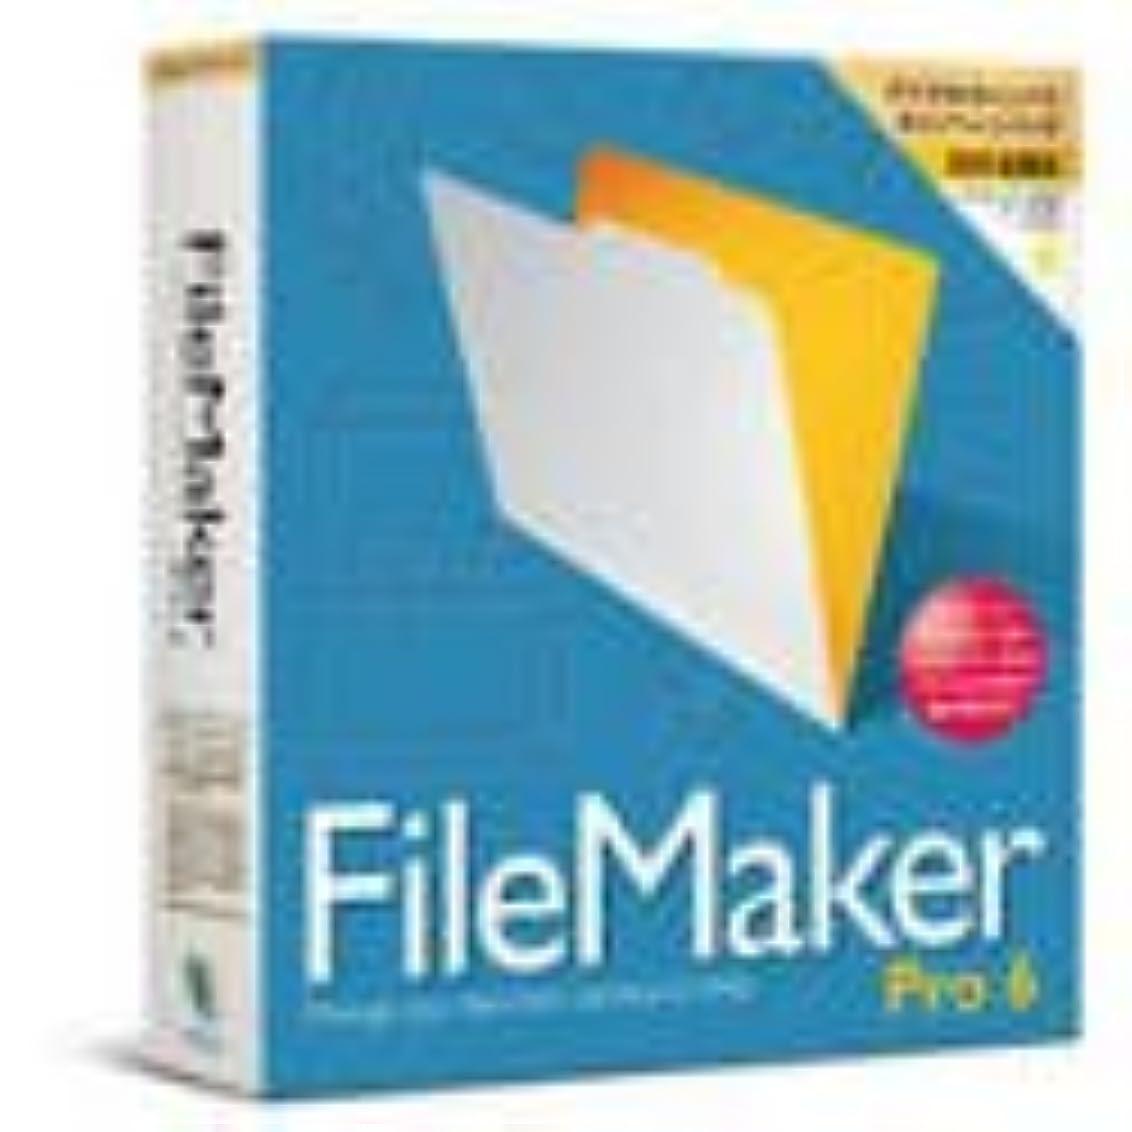 徴収終わりトレーダーファイルメーカー Pro 6 デジタルキャンパス?キャンペーンパック Windows版